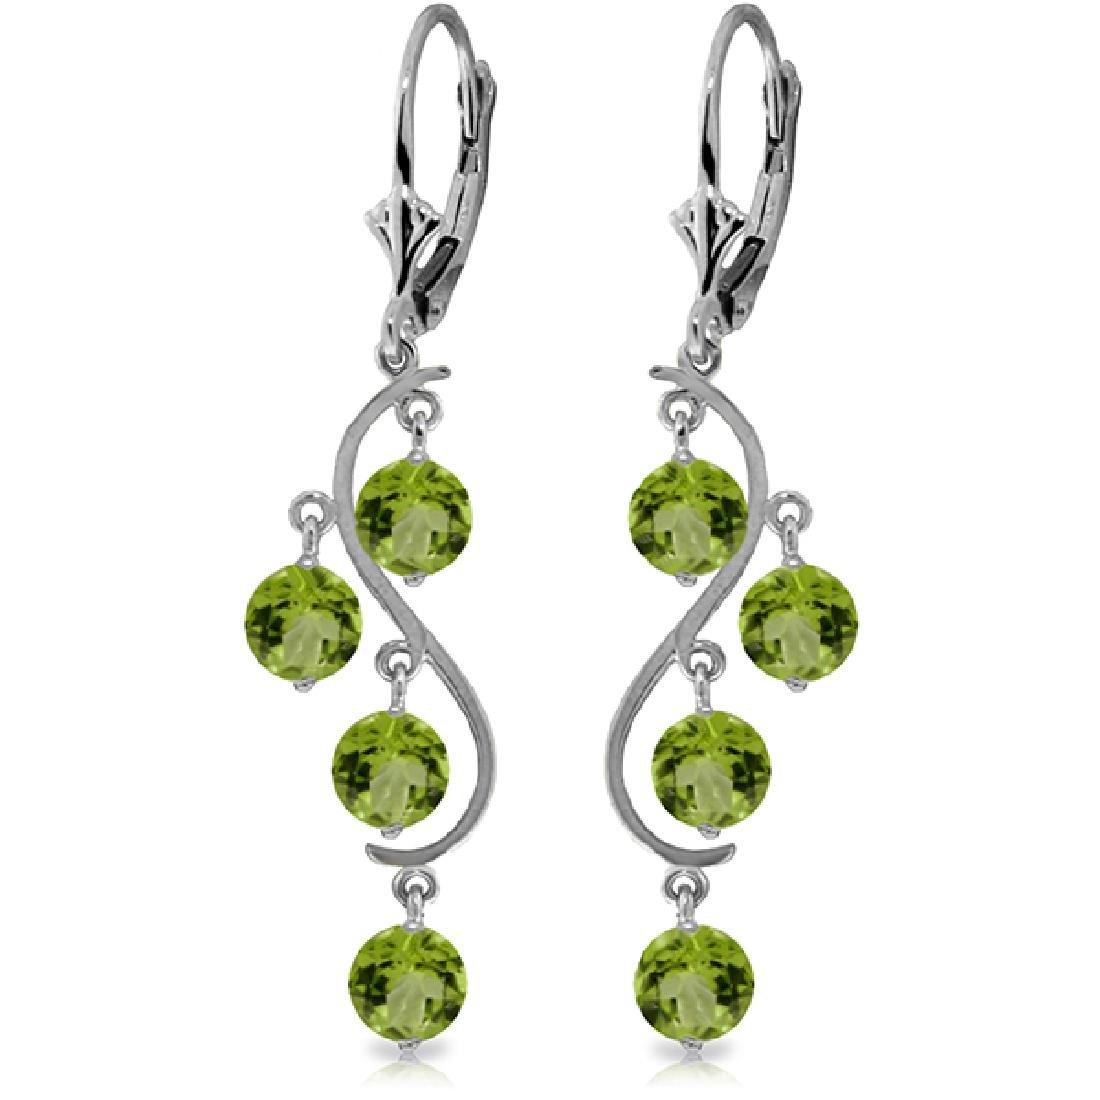 Genuine 4.95 CTW Peridot Earrings Jewelry 14KT White